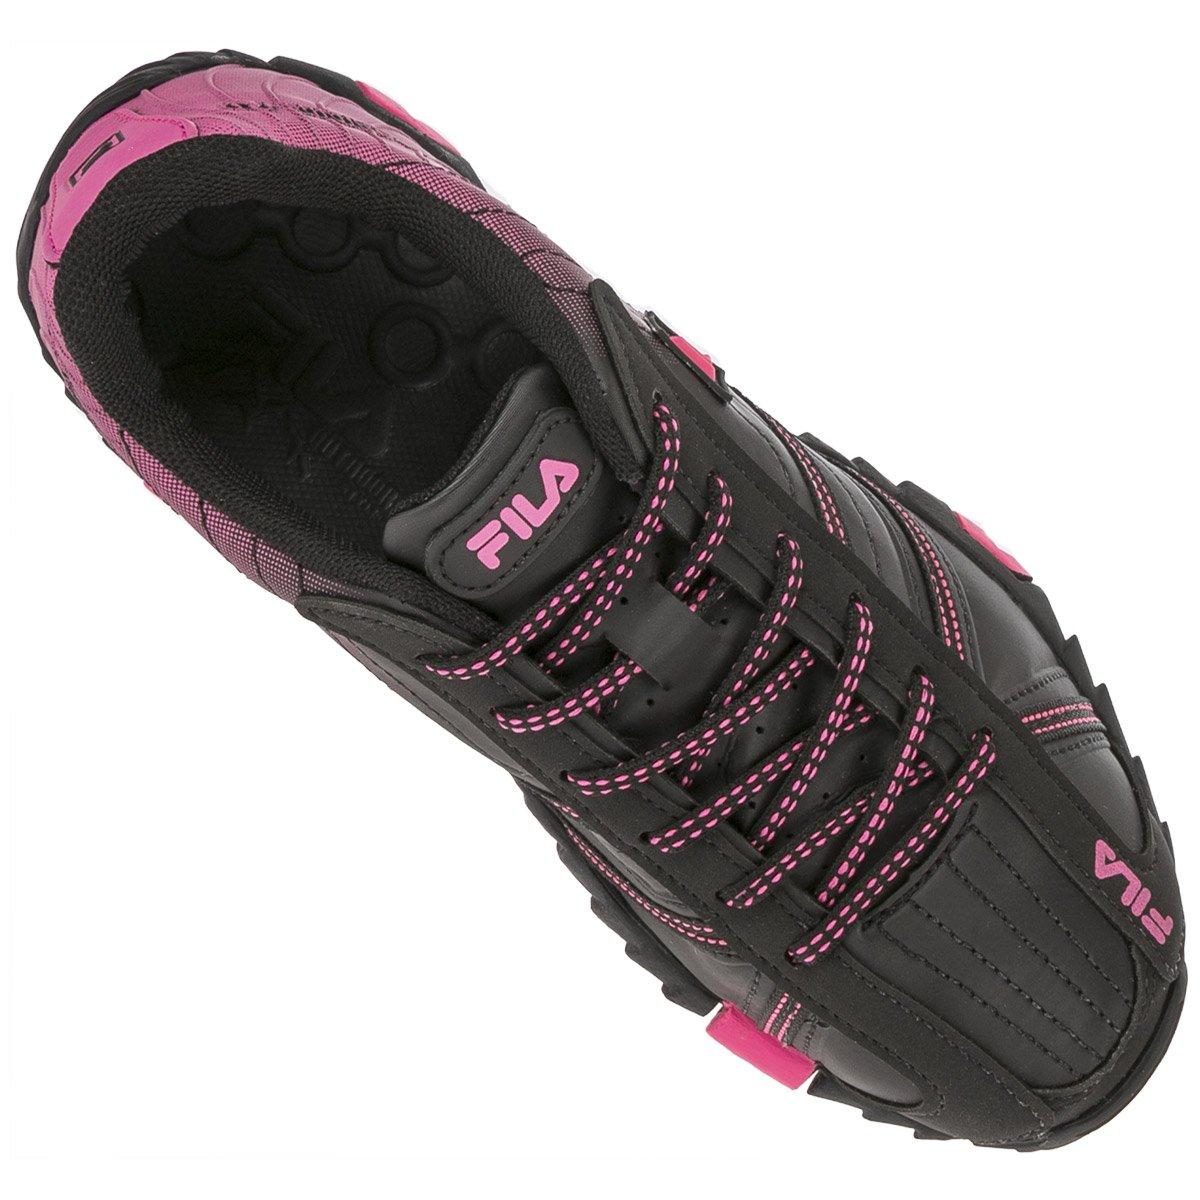 79c10350ce5 Tênis Fila Slant Summer 2.0 Feminino - Compre Agora